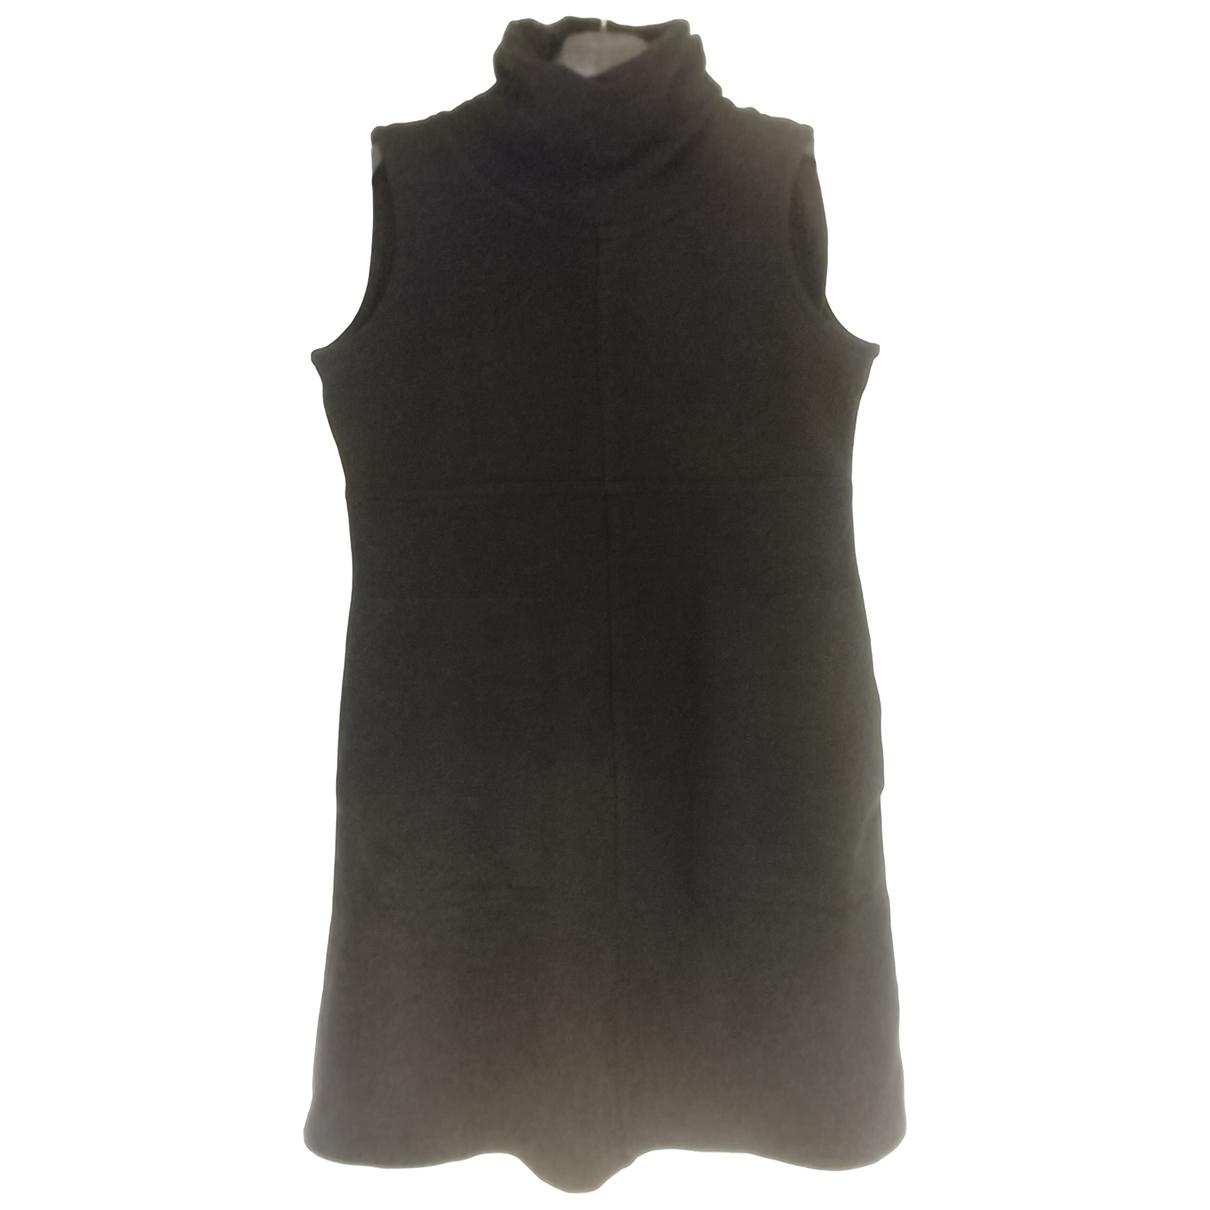 Jc De Castelbajac \N Kleid in  Schwarz Wolle